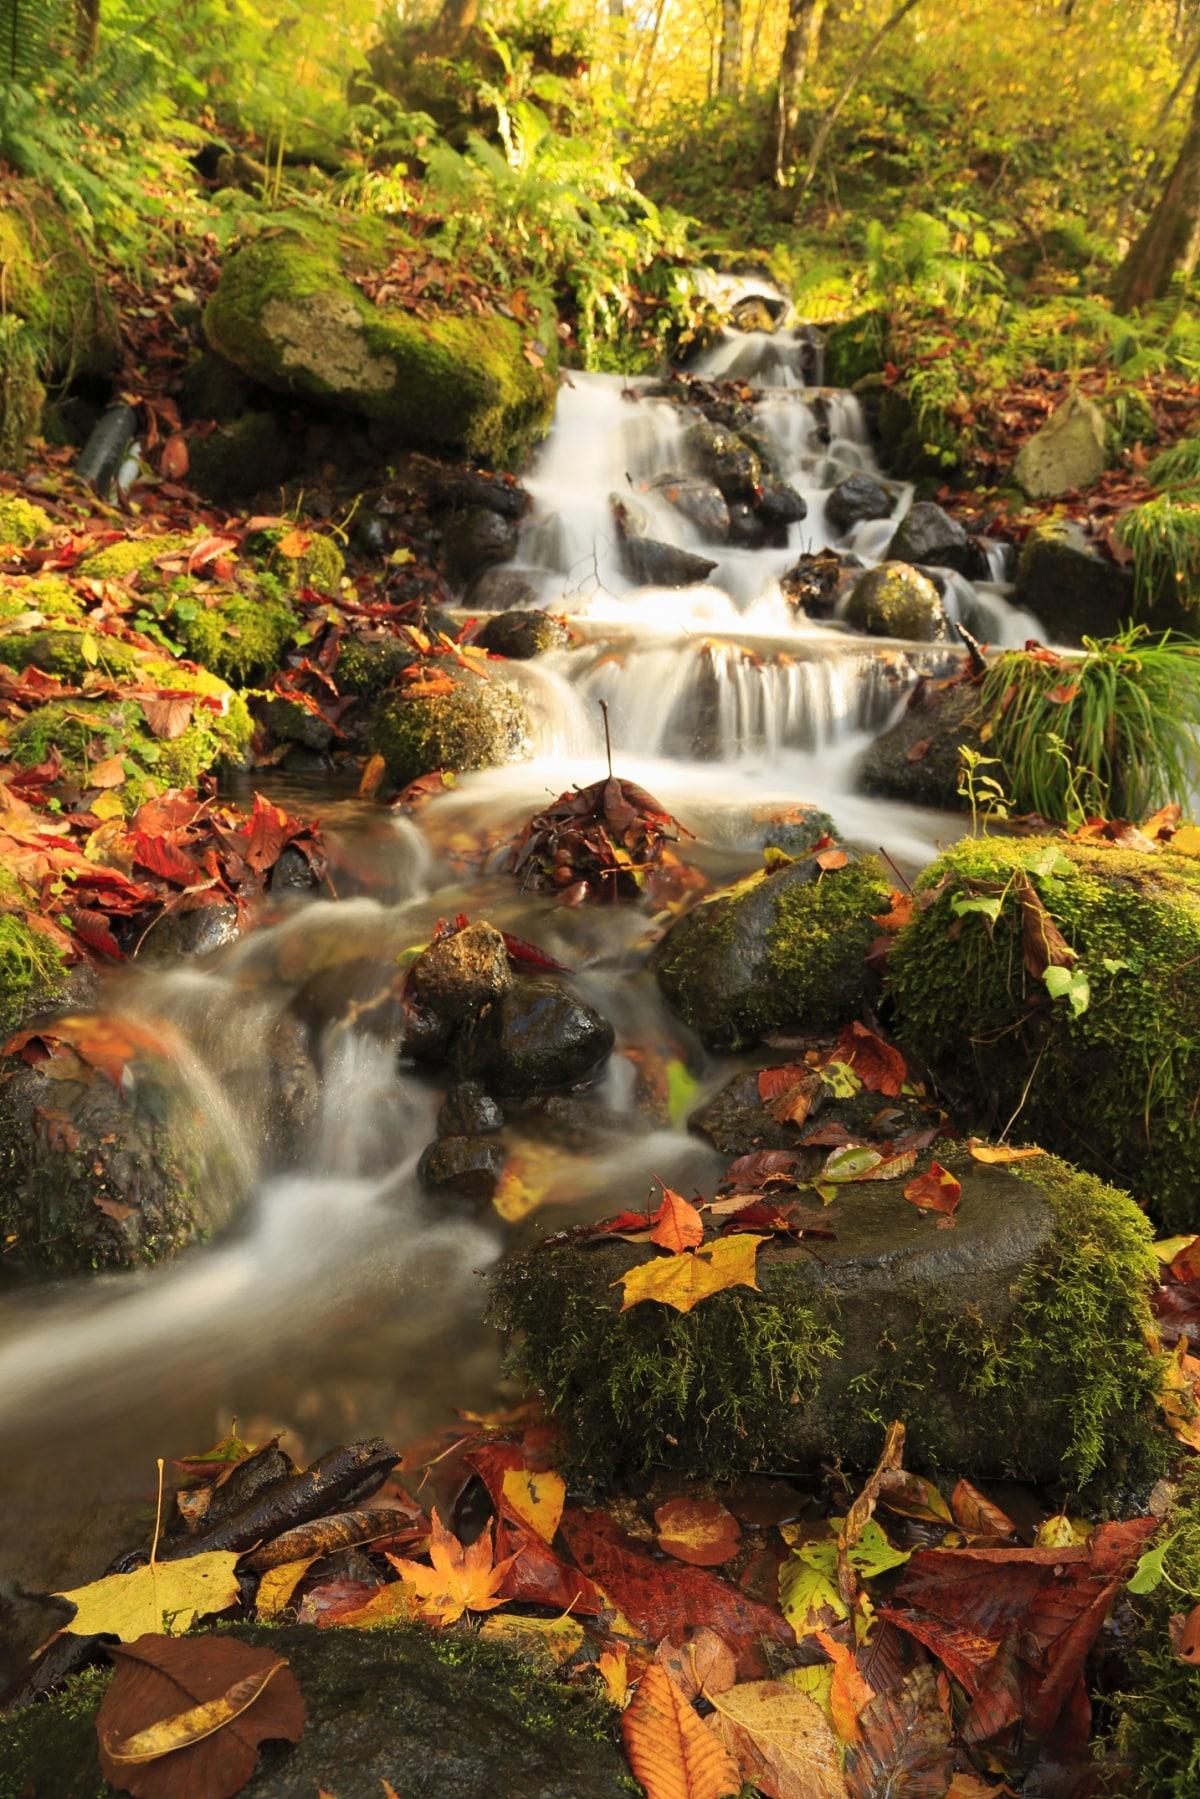 7. ลำธารโออิราเซะ (奥入瀬渓流) เมืองโทวาดะ